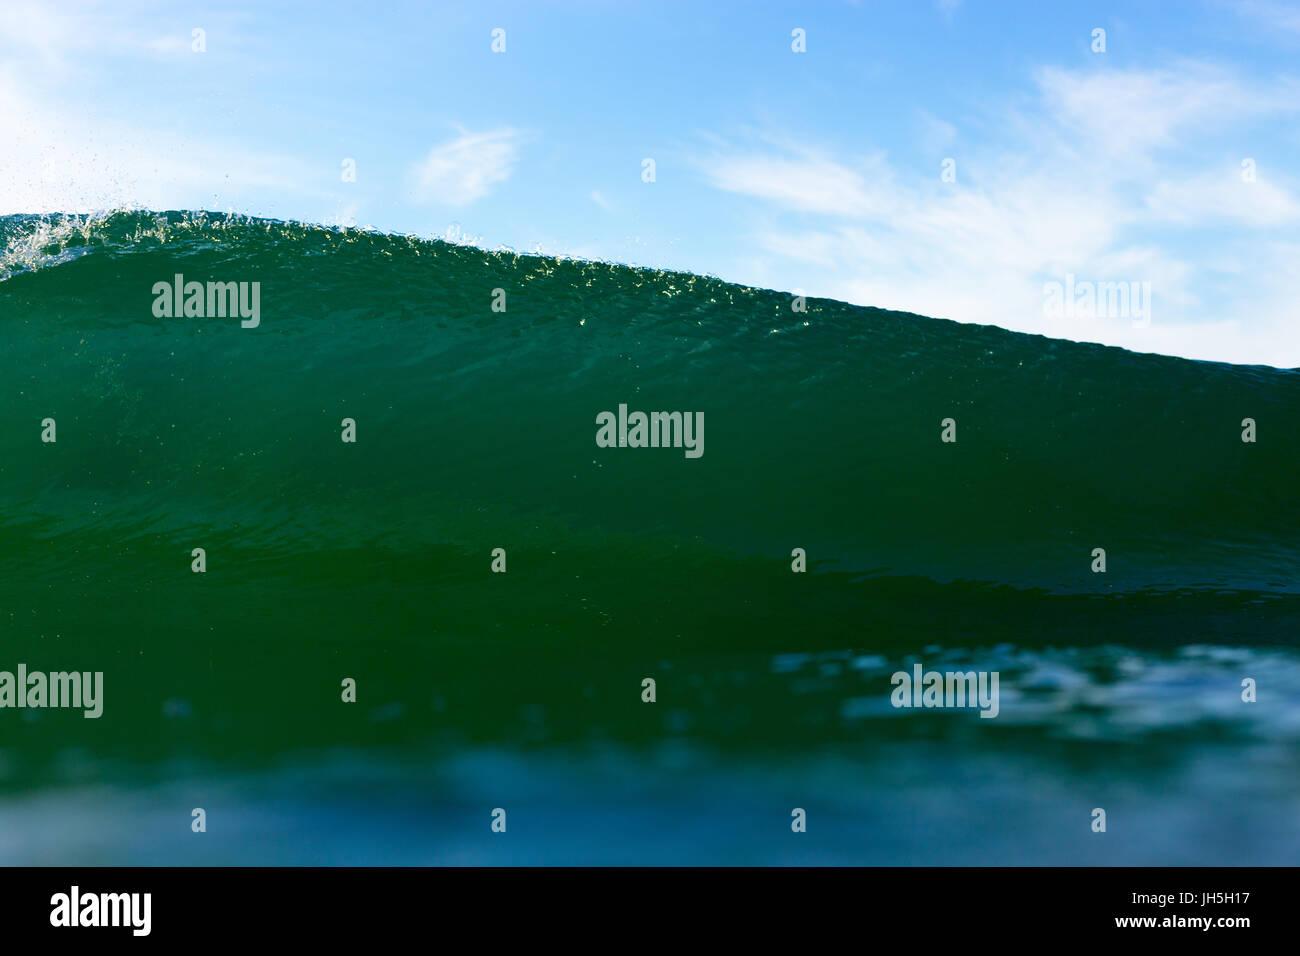 Eine abstrakte Wasser Winkel ein Smaragd, leistungsstarke brechenden Welle an einem hellen Sommertag. Stockbild